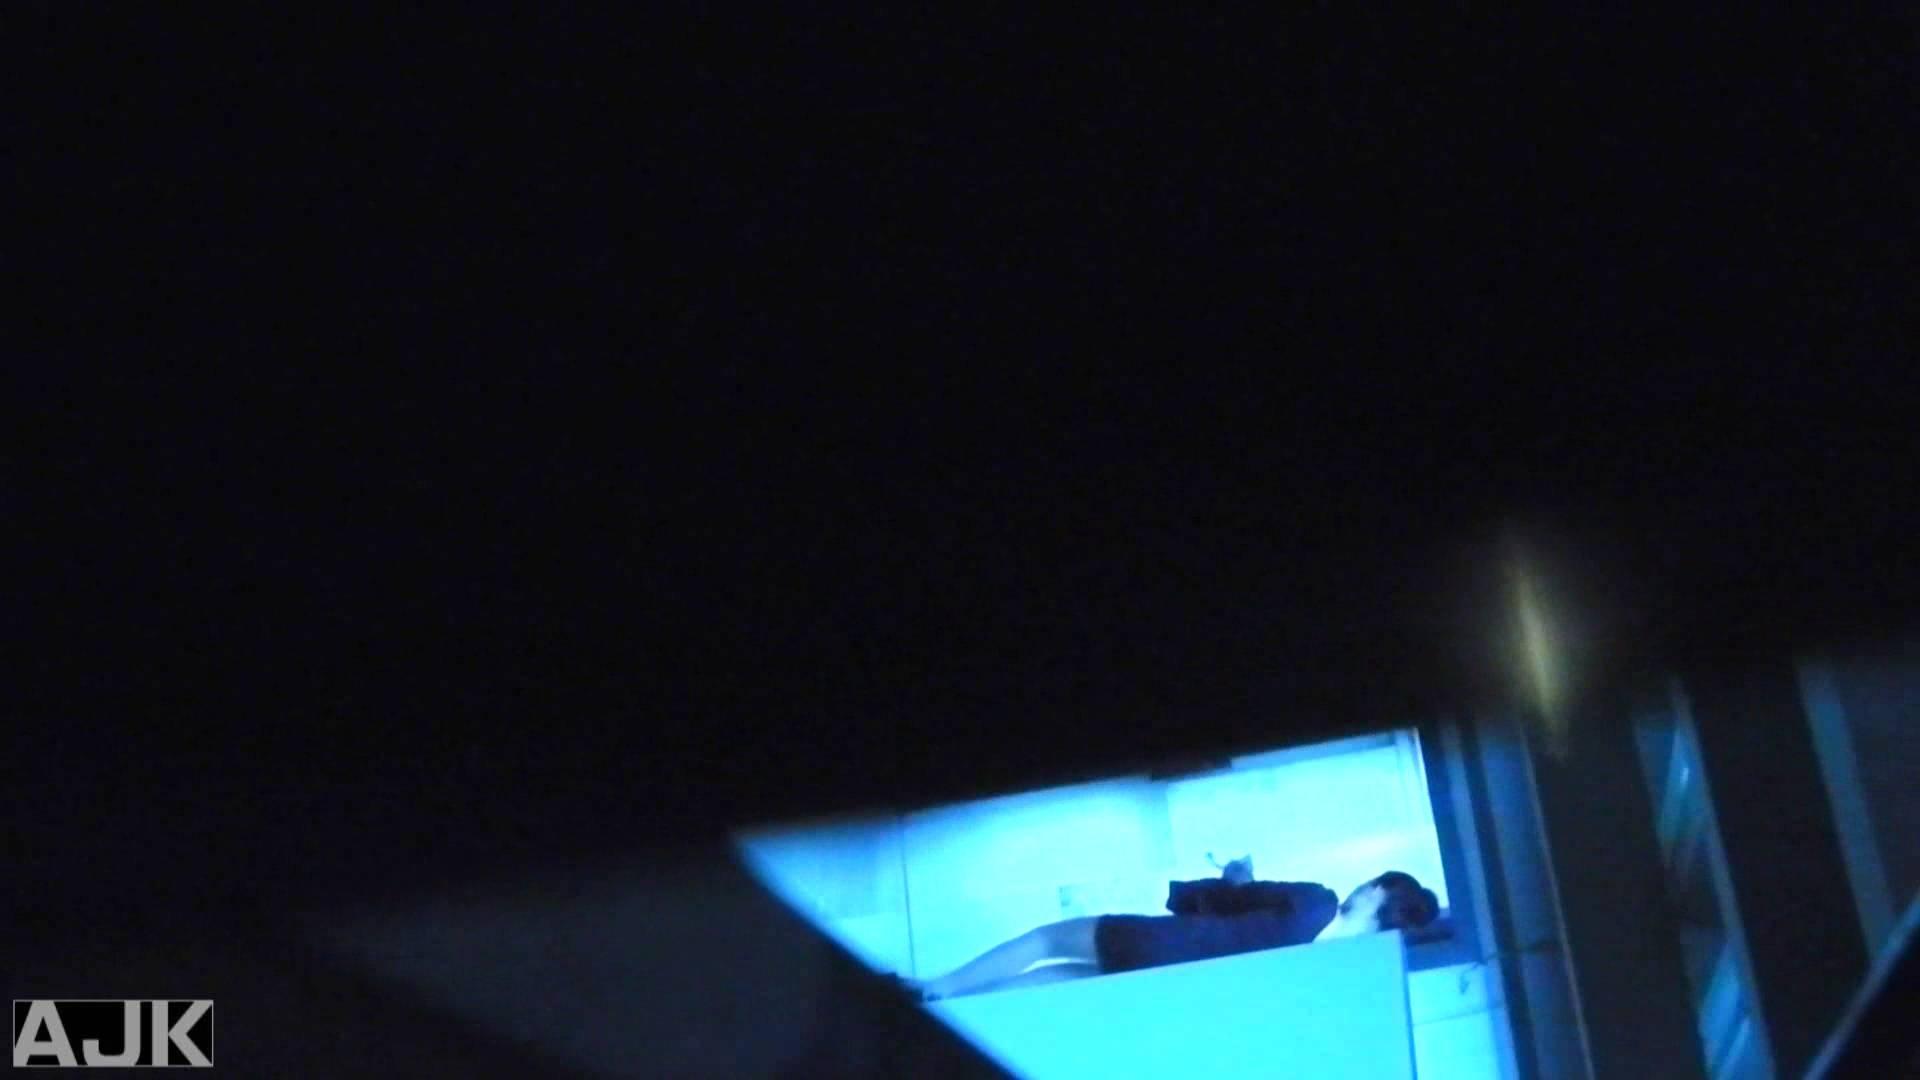 神降臨!史上最強の潜入かわや! vol.22 美女まとめ セックス無修正動画無料 112PIX 76